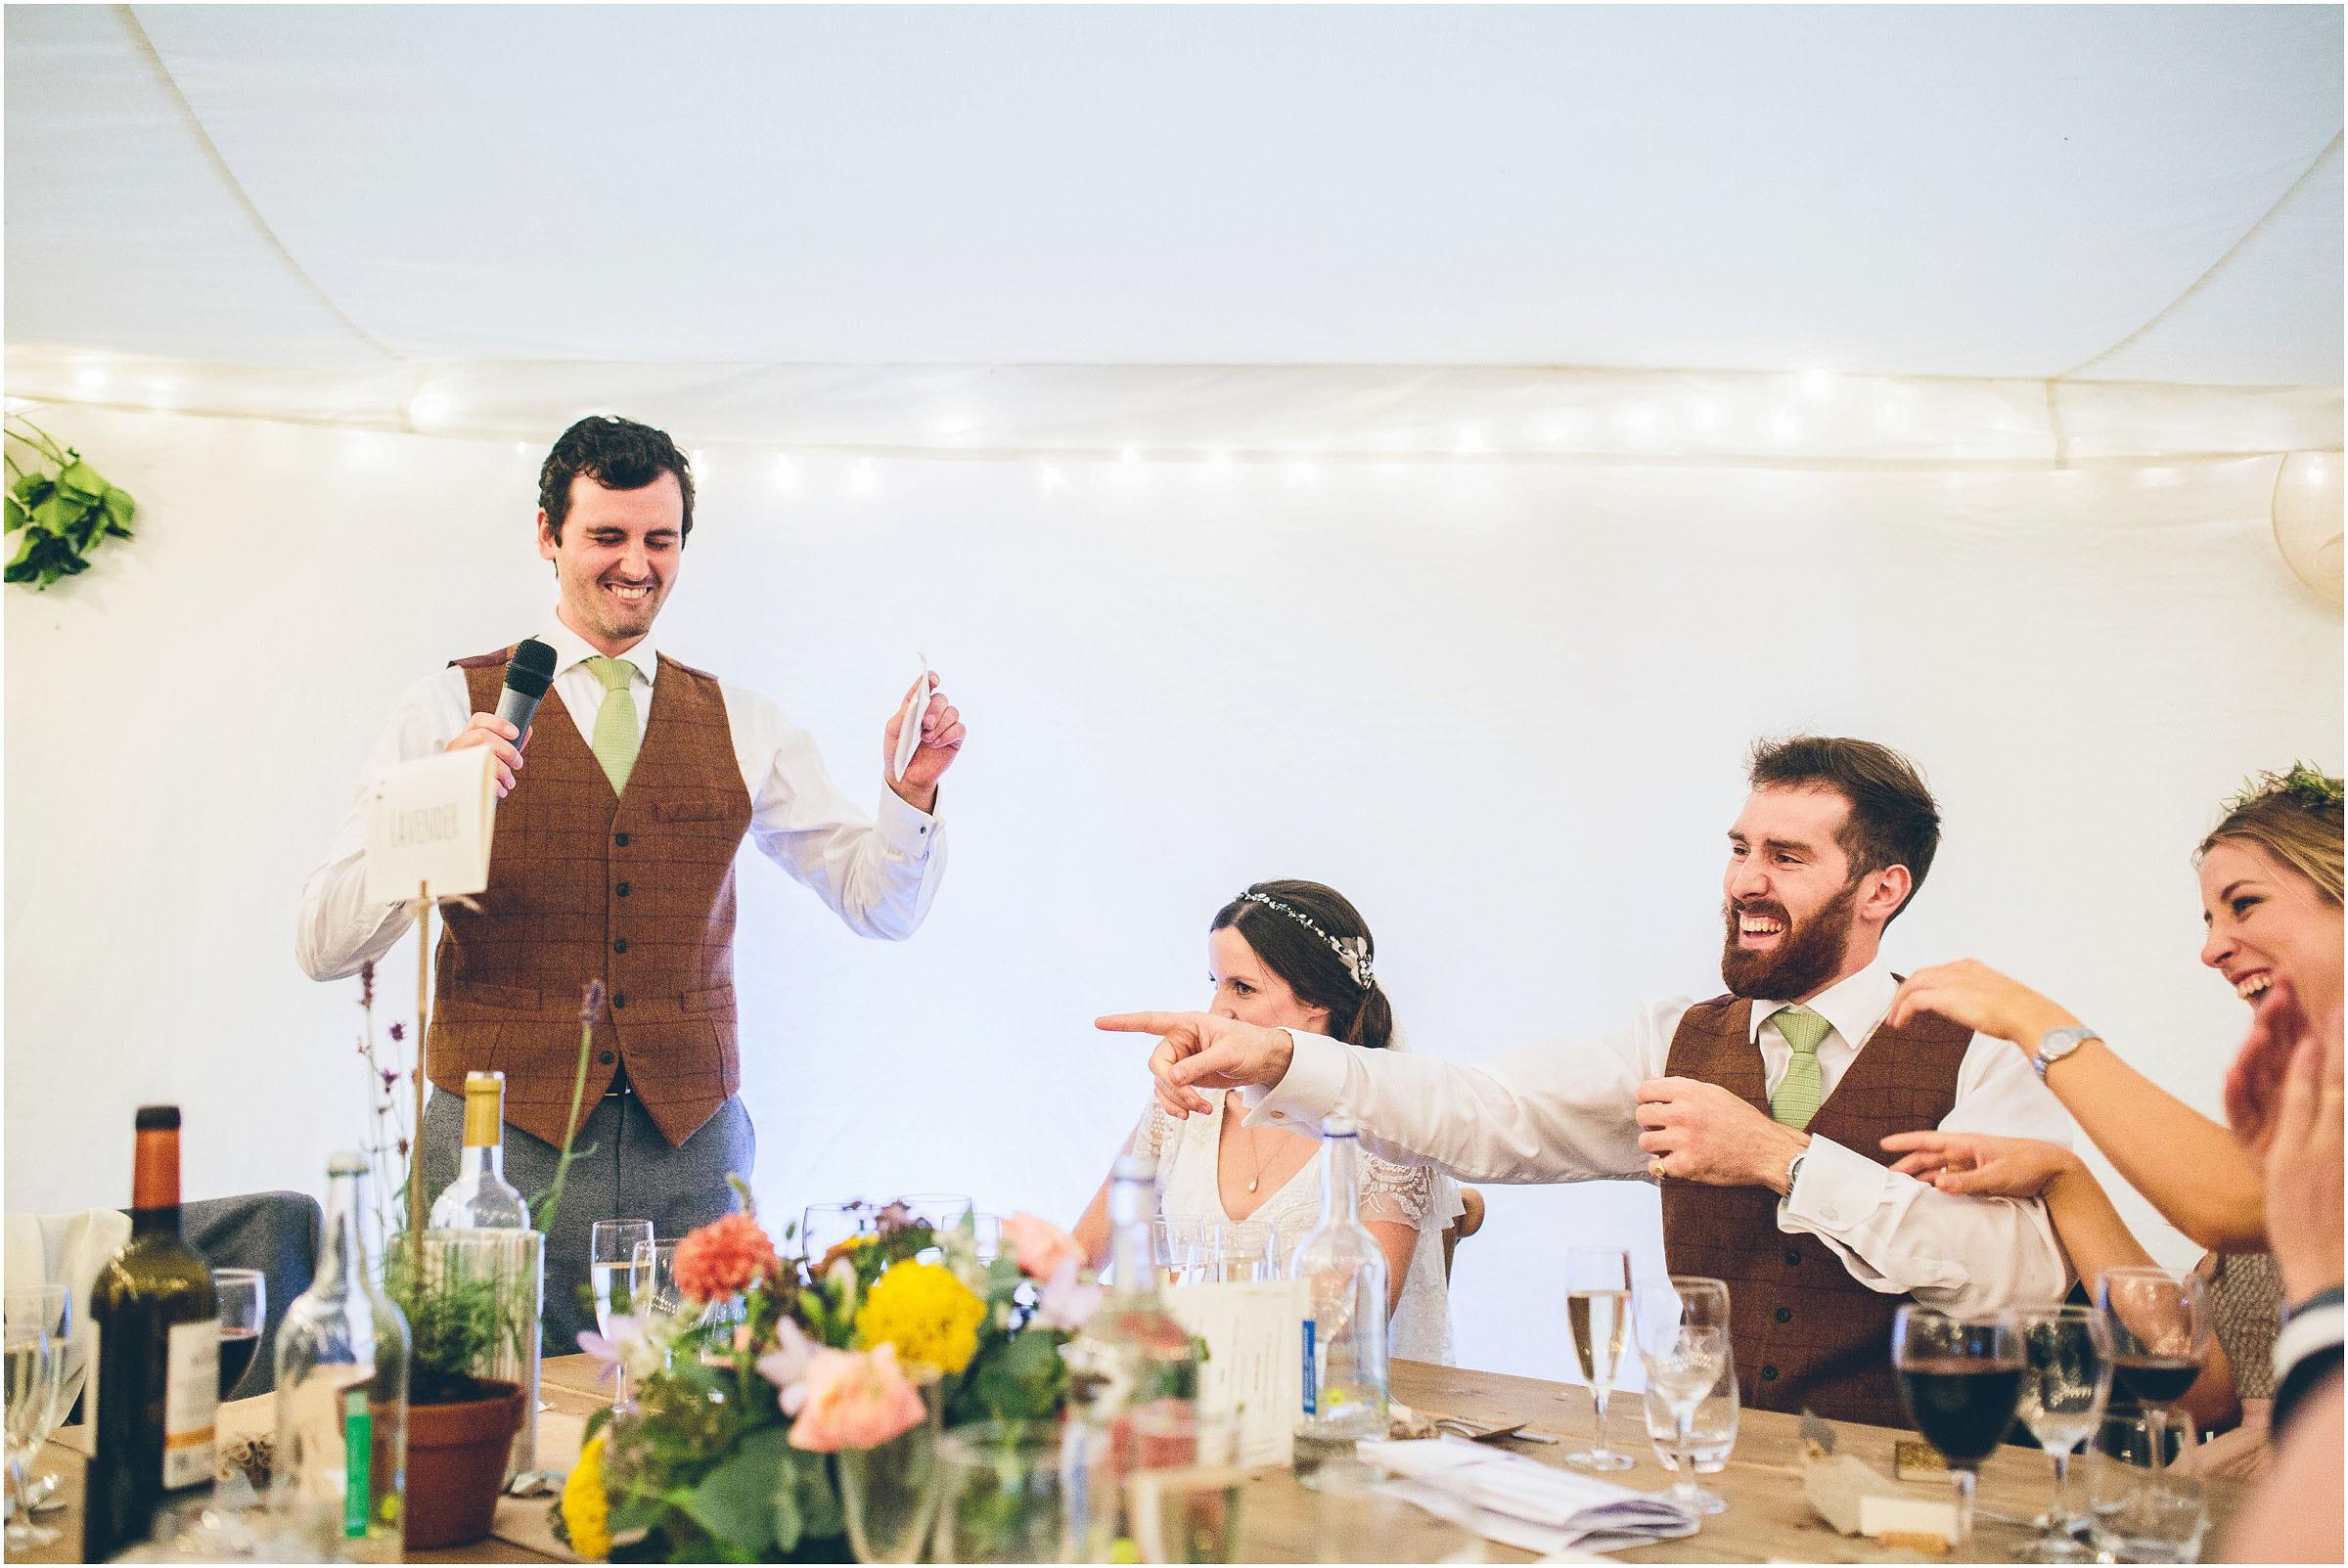 Harthill_Weddings_Wedding_Photography_0111